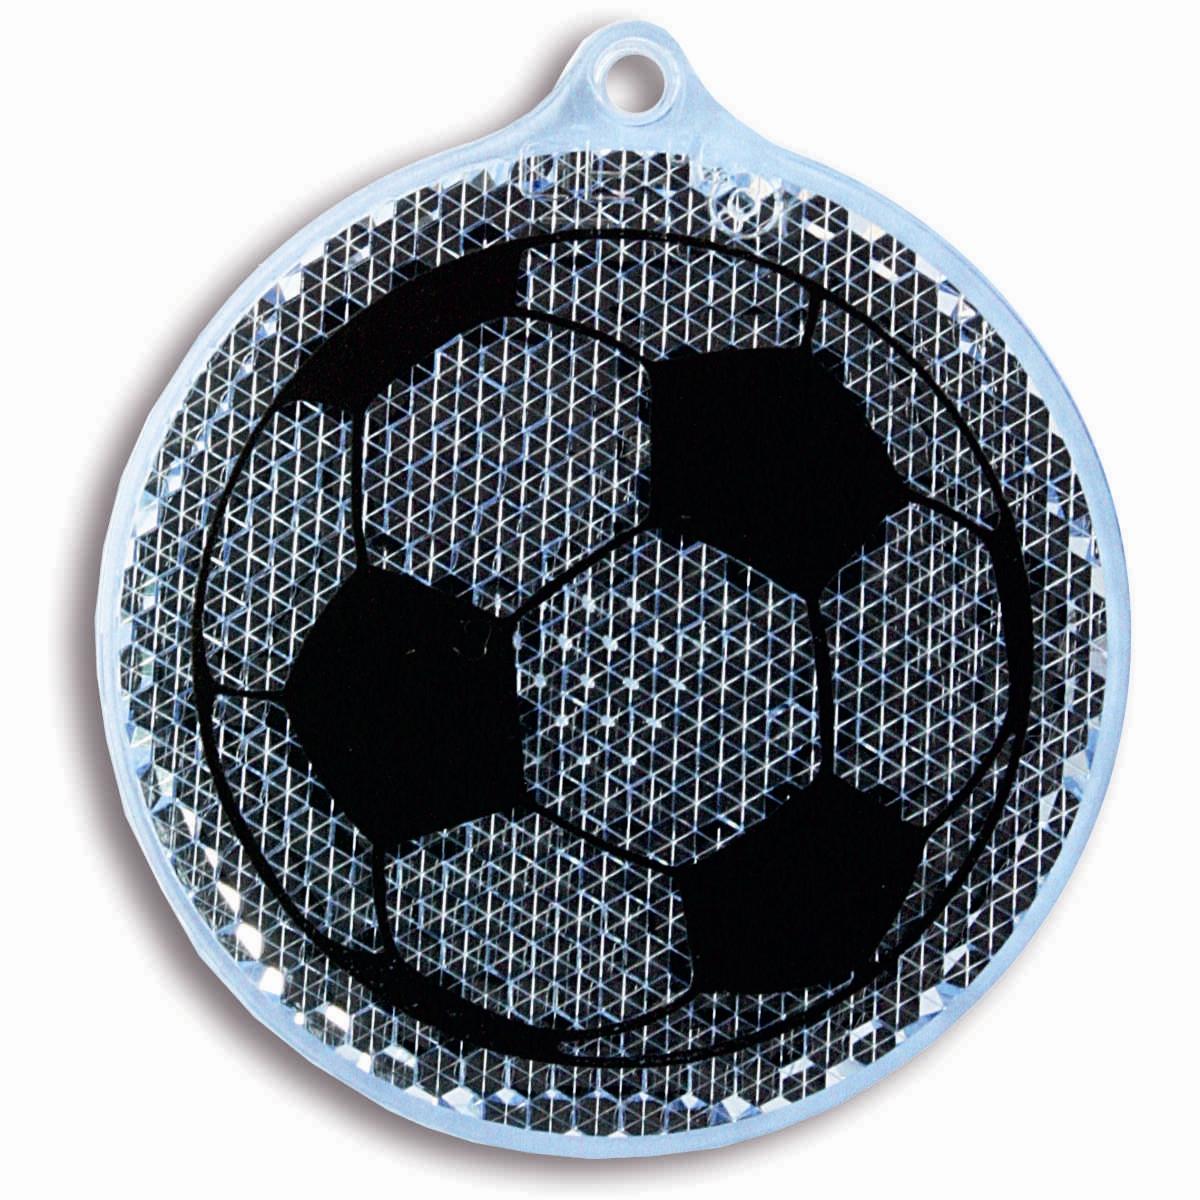 Светоотражатель пешеходный Coreflect Мяч, цвет: синий98293777Пешеходный светоотражатель — это серьезное средство безопасности на дороге. Использование светоотражателей позволяет в десятки раз сократить количество ДТП с участием пешеходов в темное время суток. Светоотражатель крепится на одежду и обладает способностью к направленному отражению светового потока. Благодаря такому отражению, водитель может вовремя заметить пешехода в темноте, даже если он стоит или двигается по обочине. А значит, он успеет среагировать и избежит возможного столкновения. С 1 июля 2015 года ношение светоотражателей вне населенных пунктов является обязательным для пешеходов! Мы рекомендуем носить их и в городе! Для безопасности и сохранения жизни!